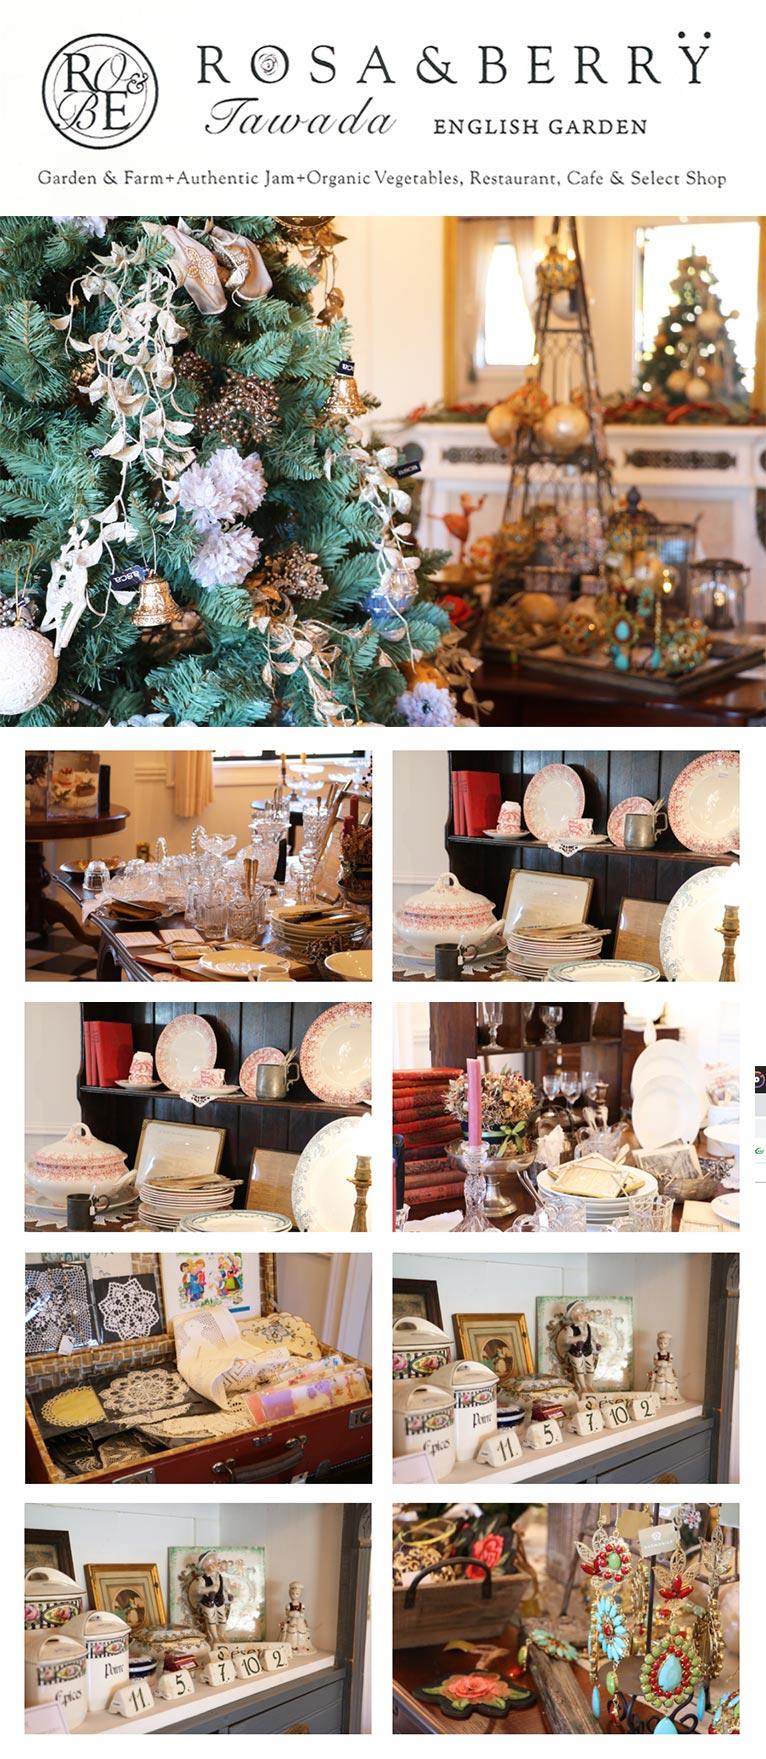 2020年11月21日~12月25日 クリスマスコンセプトショップ限定日OPEN ROSE & BERRY Tawada ローザンベリー多和田